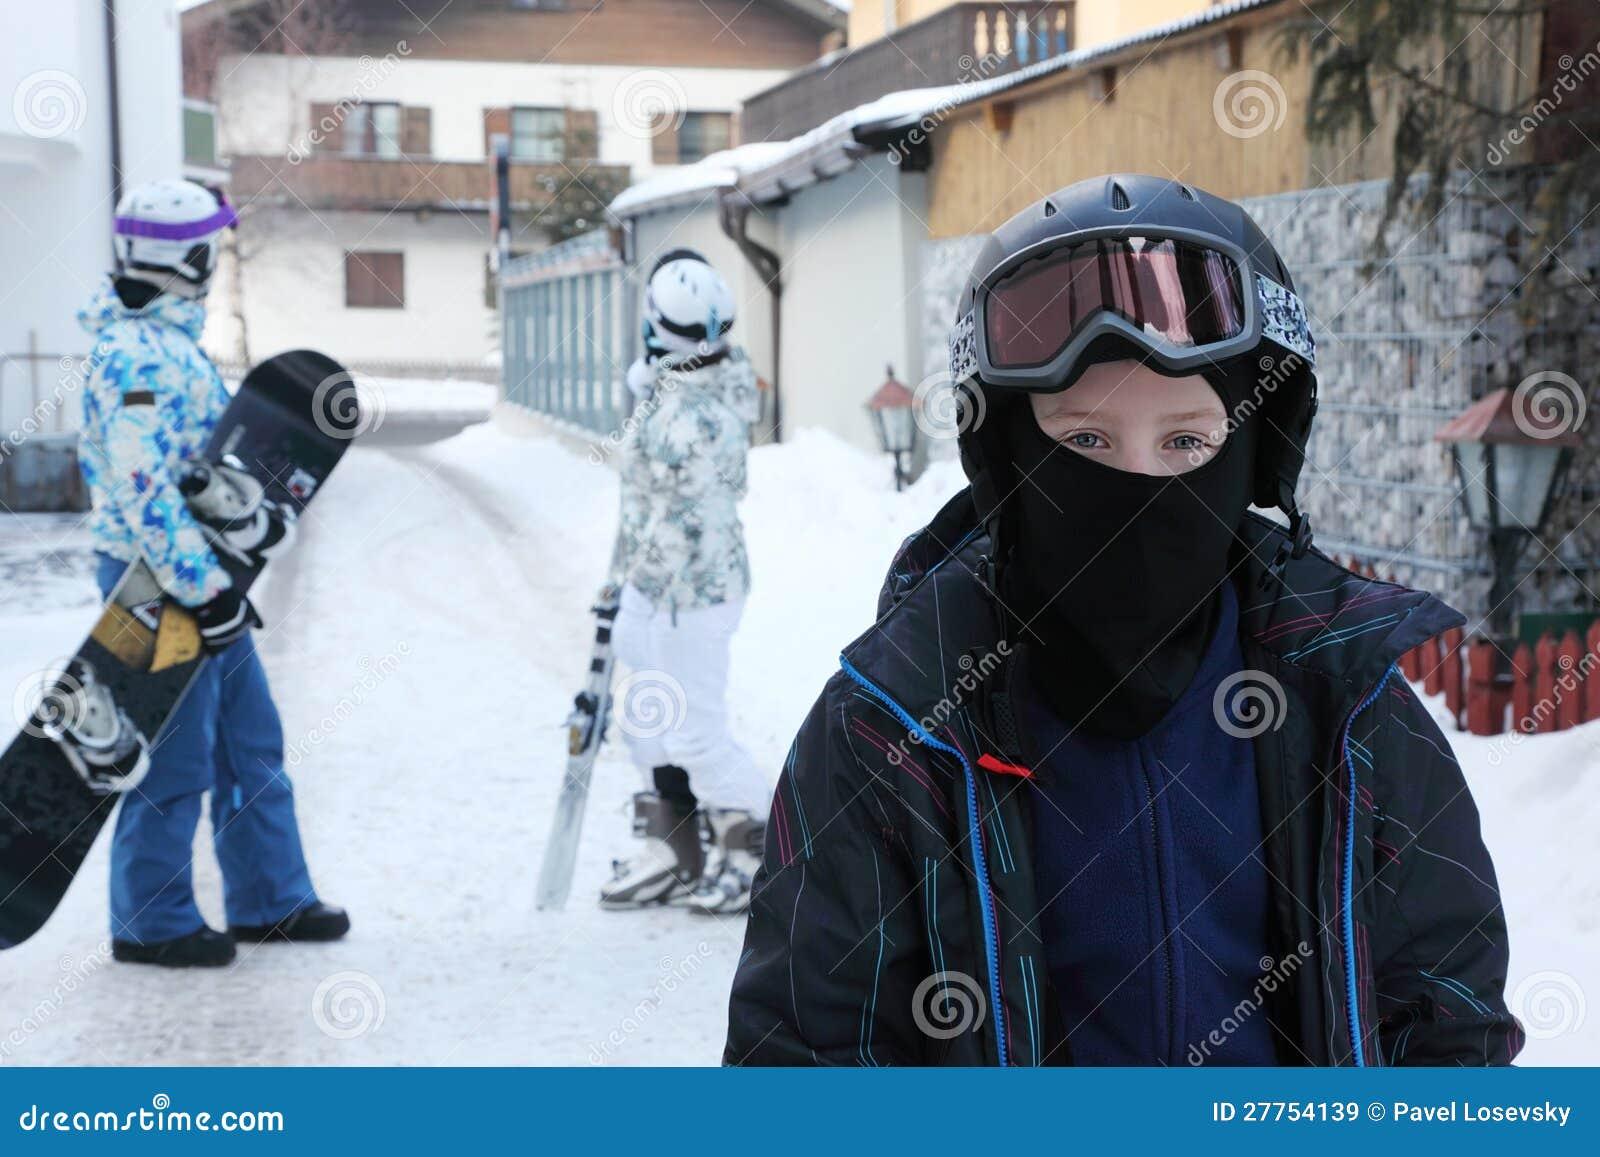 Le garçon reste dans le village. Ses parents sont derrière